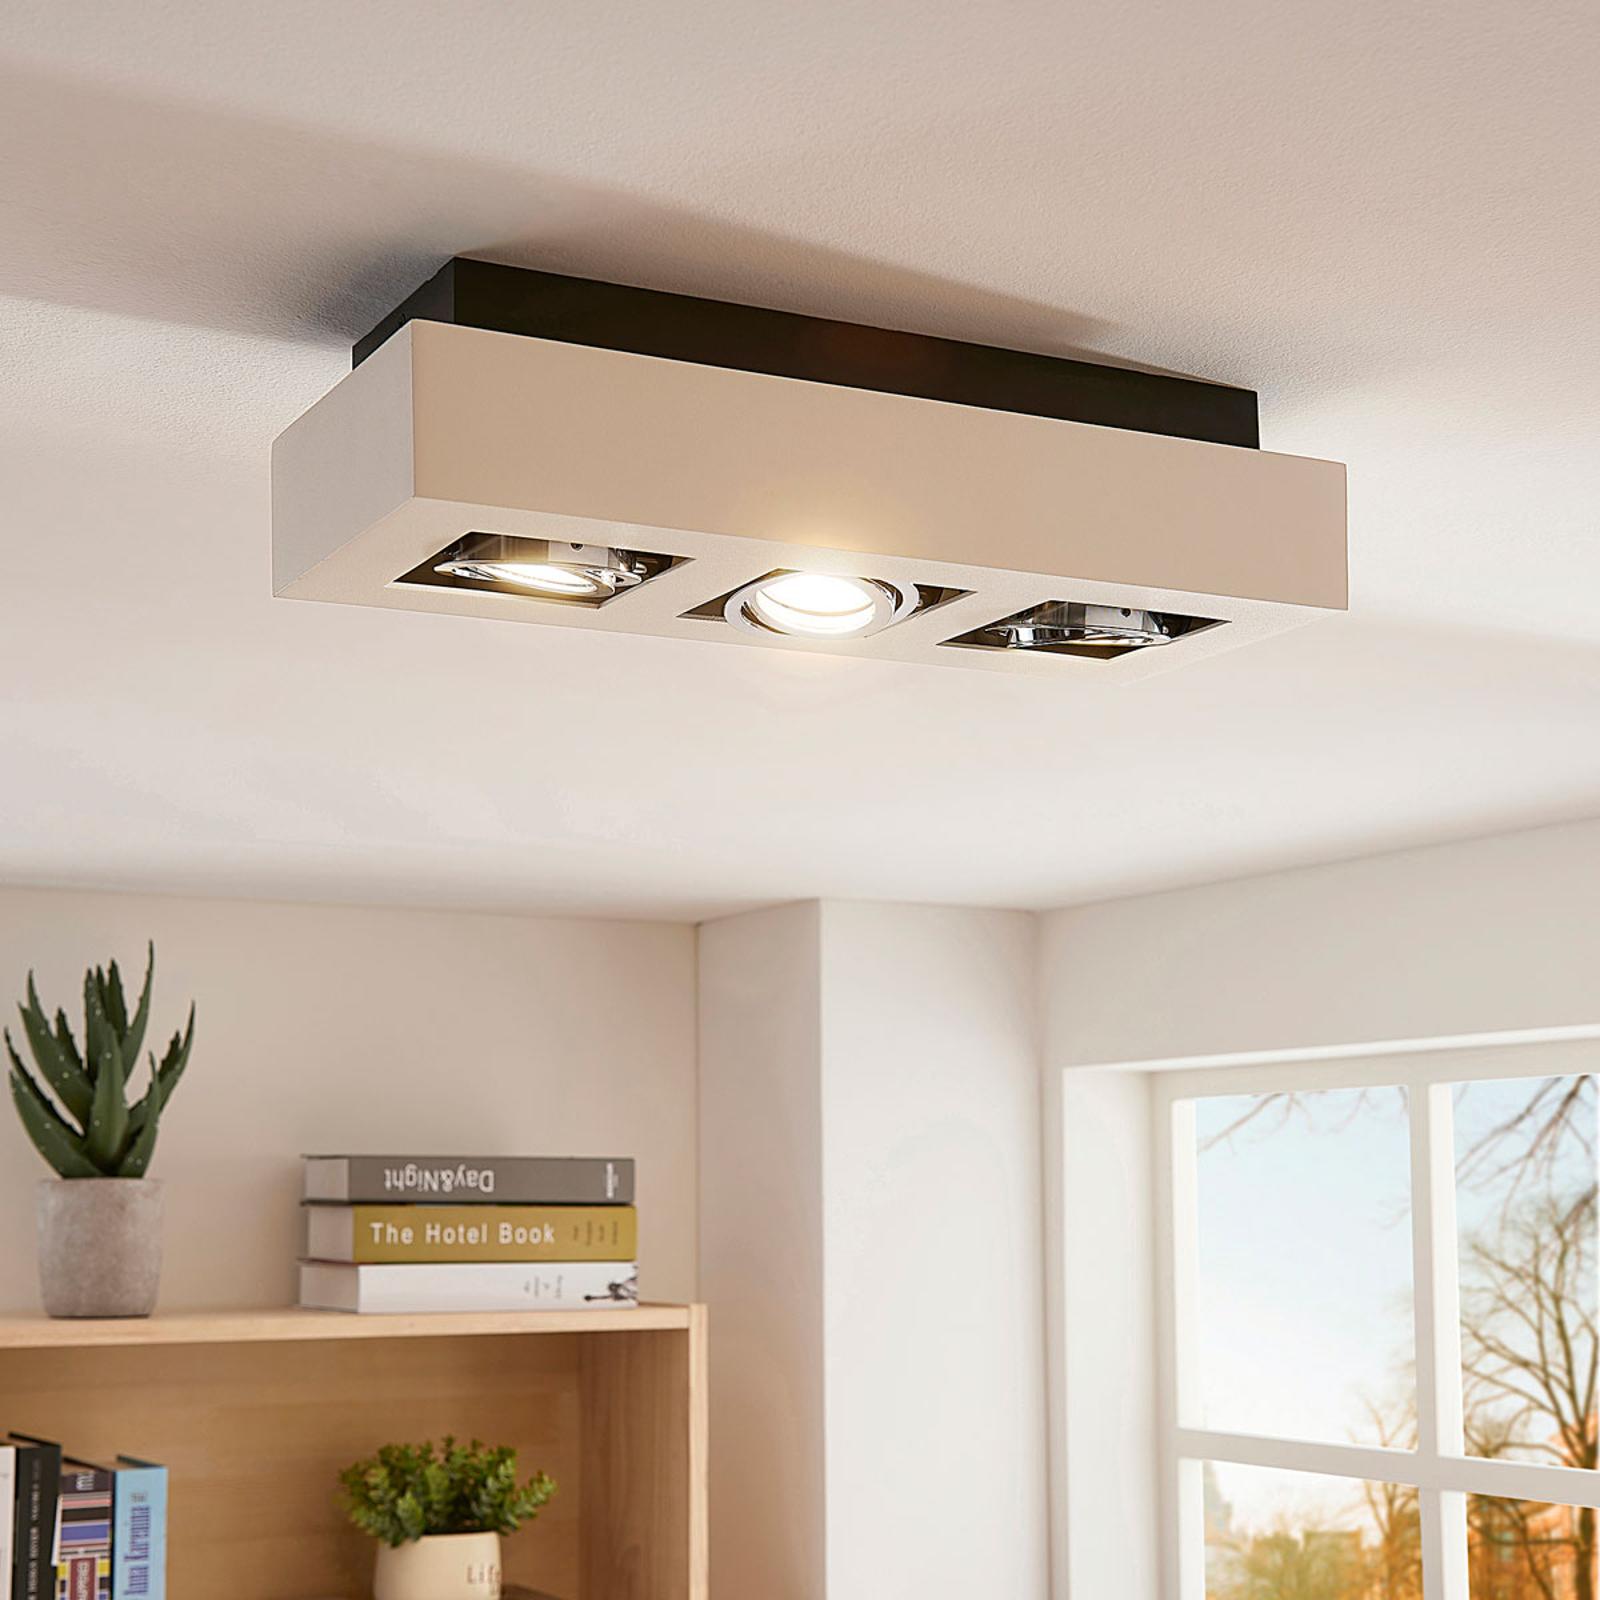 Arcchio 3bodové stropní LED osvětlení Vince, bílé